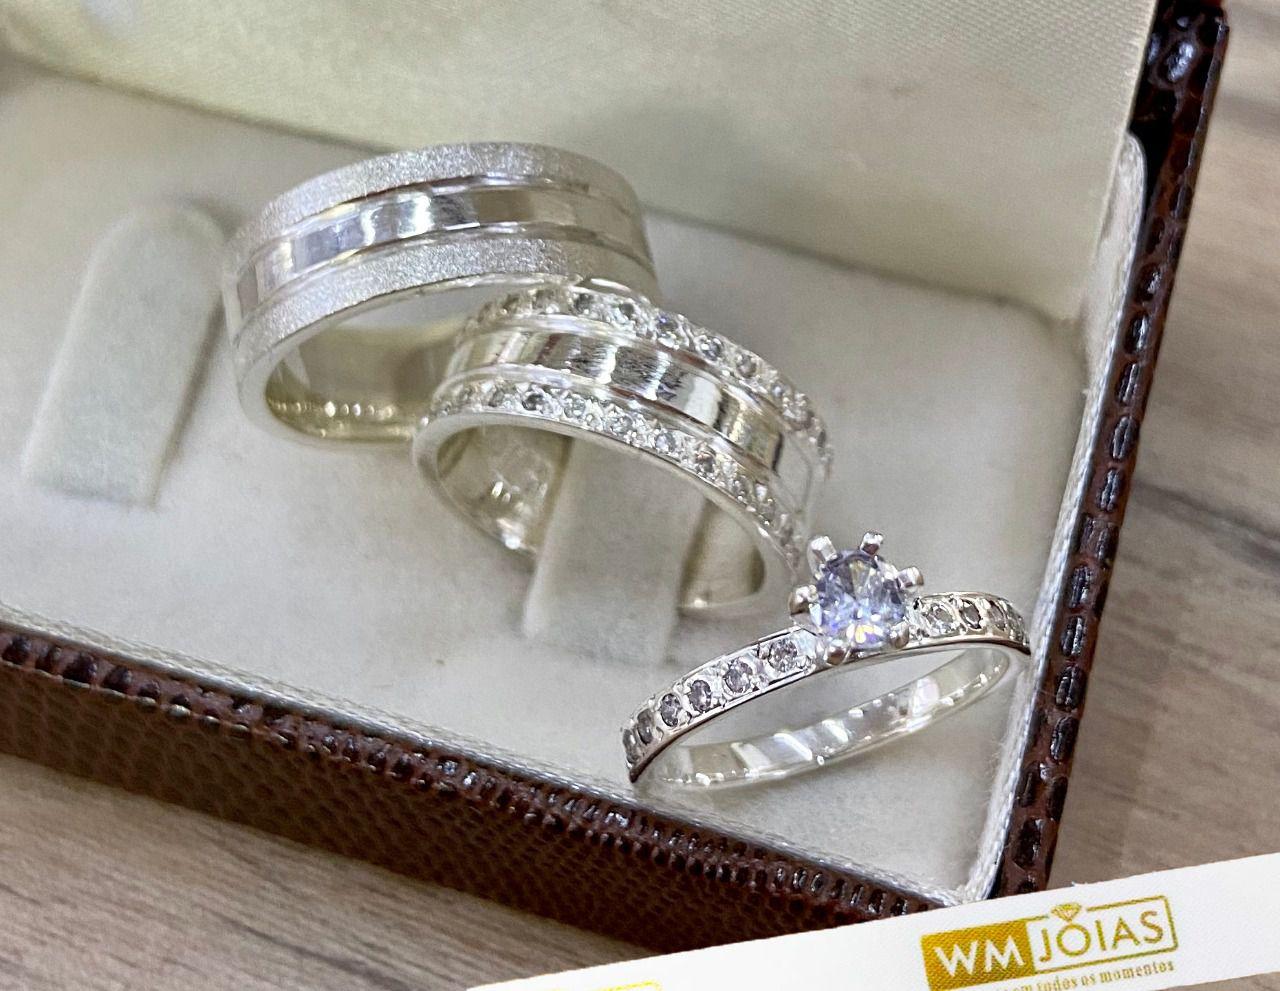 Par de alianças de compromisso em prata 950 Peso 15 gramas 7mm WM10071